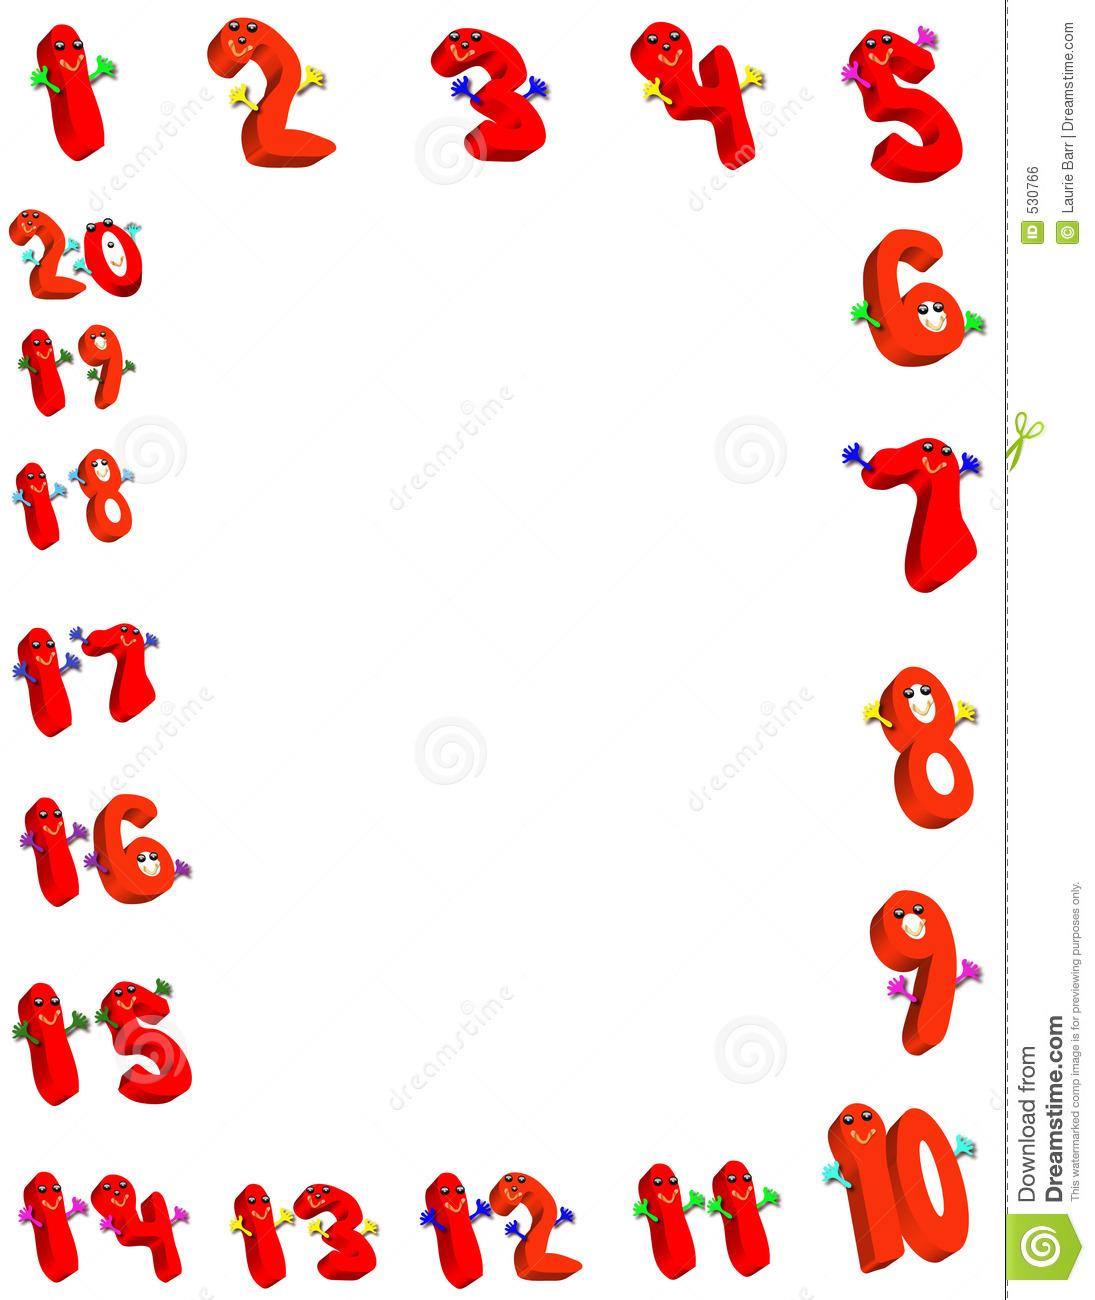 Number clipart border  Border linhas Border Number